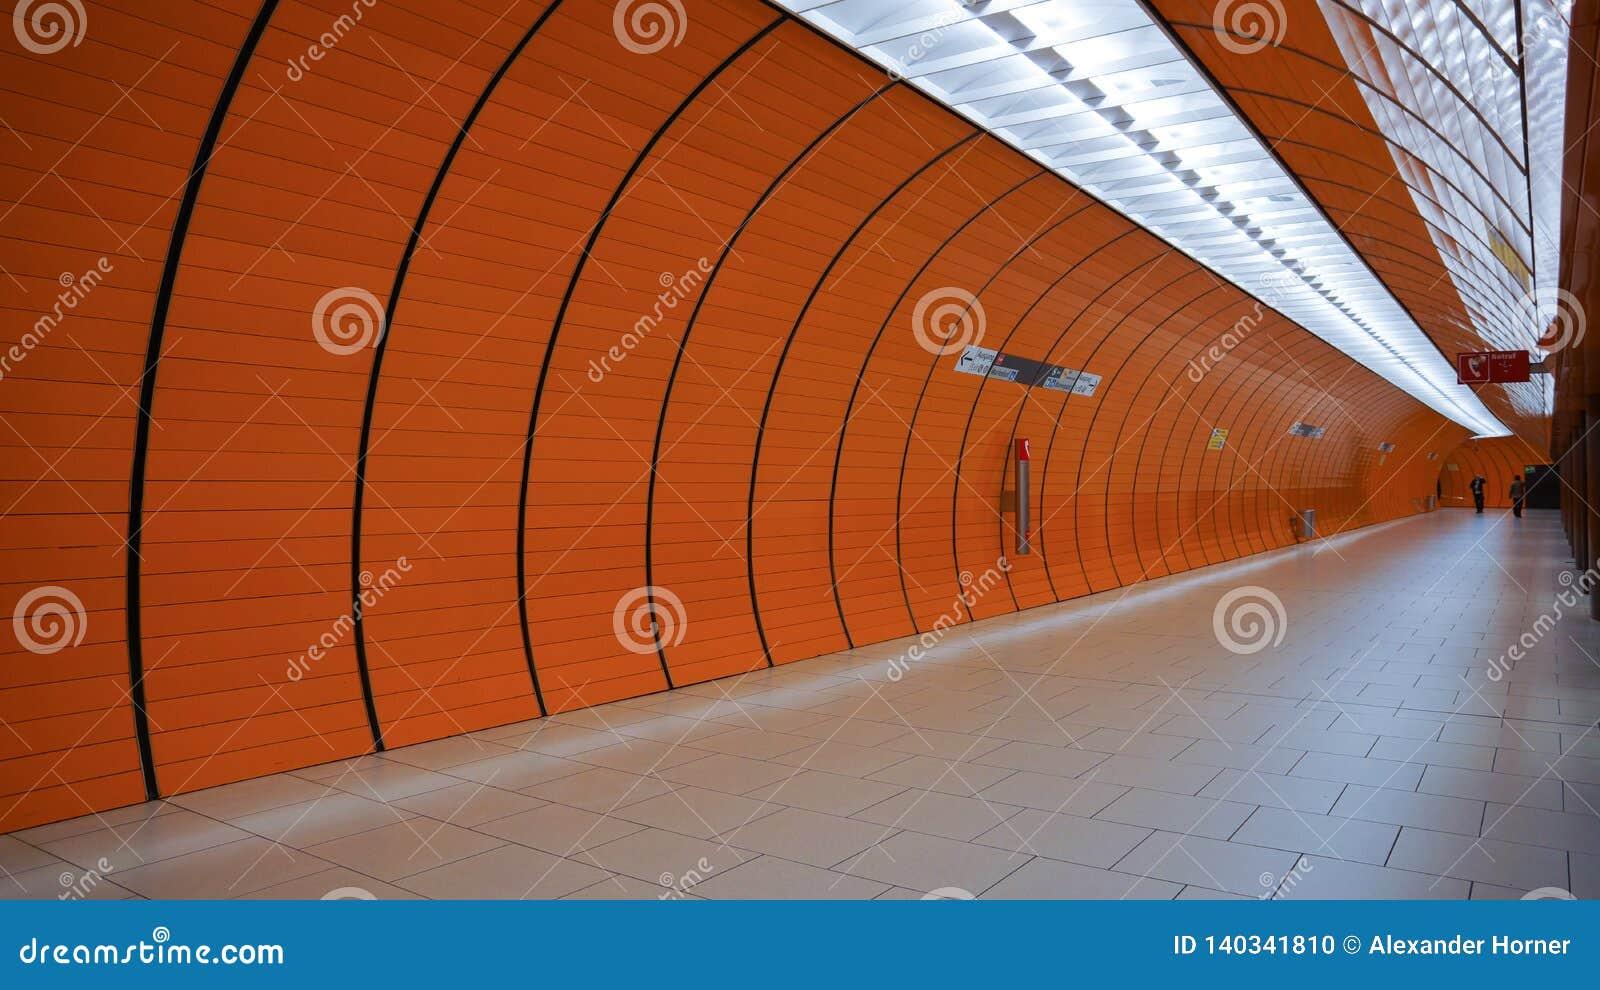 Stacji metrej tubki Munich marienplatz pomarańczowy łuk